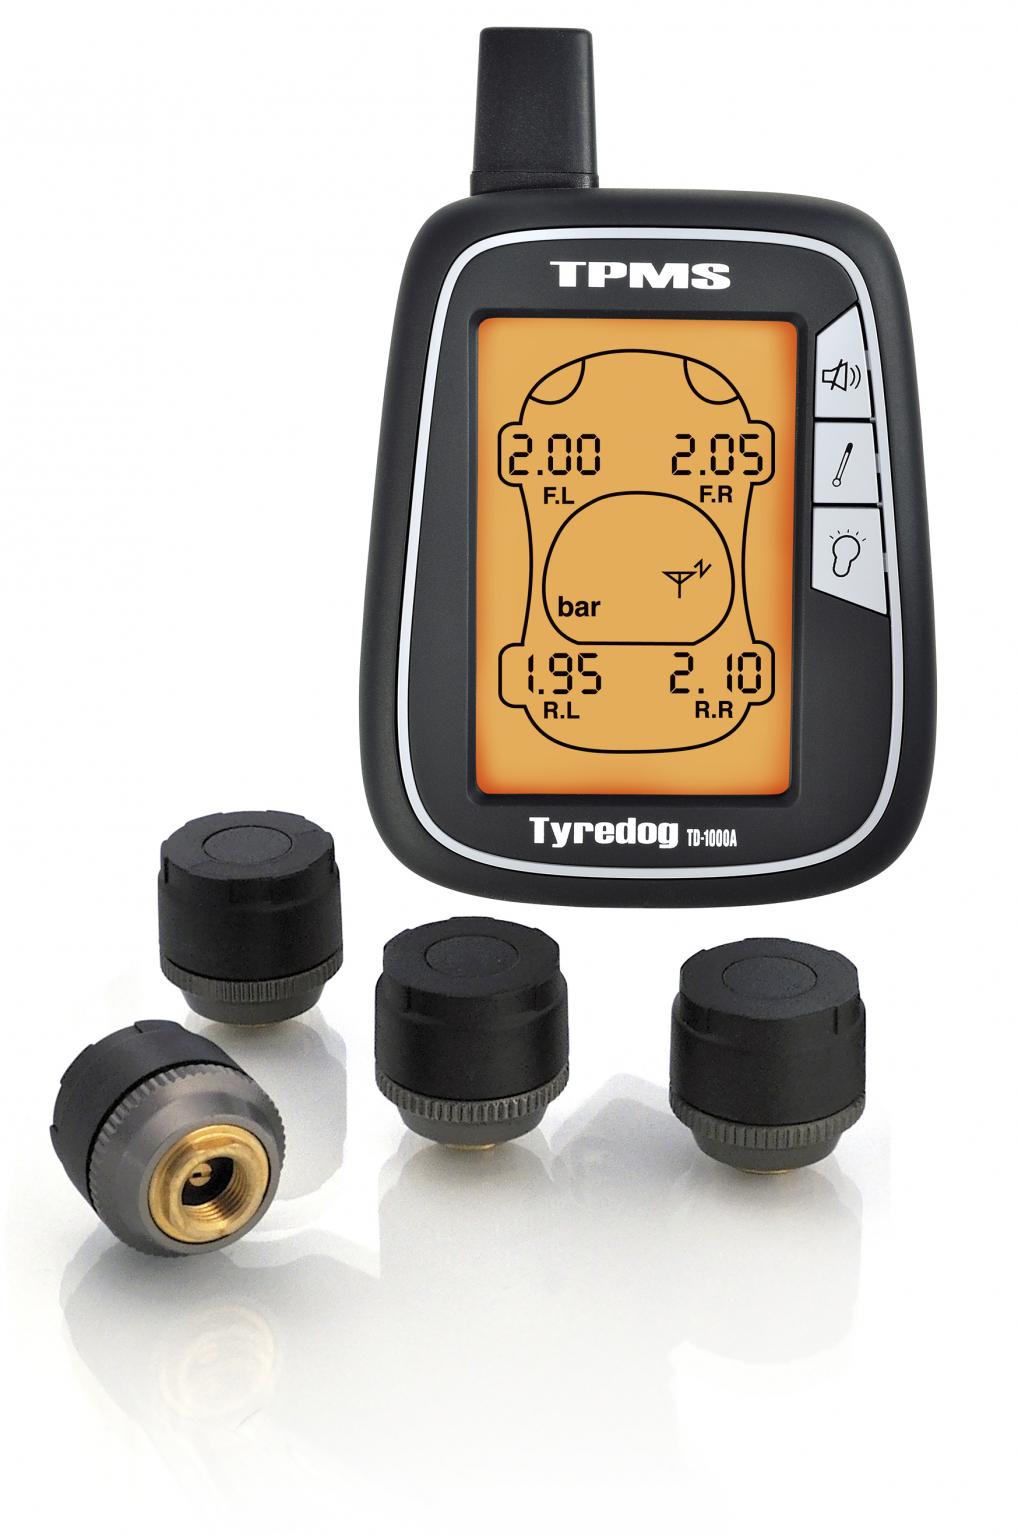 Система контроля давления и температуры в шинах Carax TPMS CRX-1002 (внешние датчики) (+ Антисептик-спрей для рук в по..